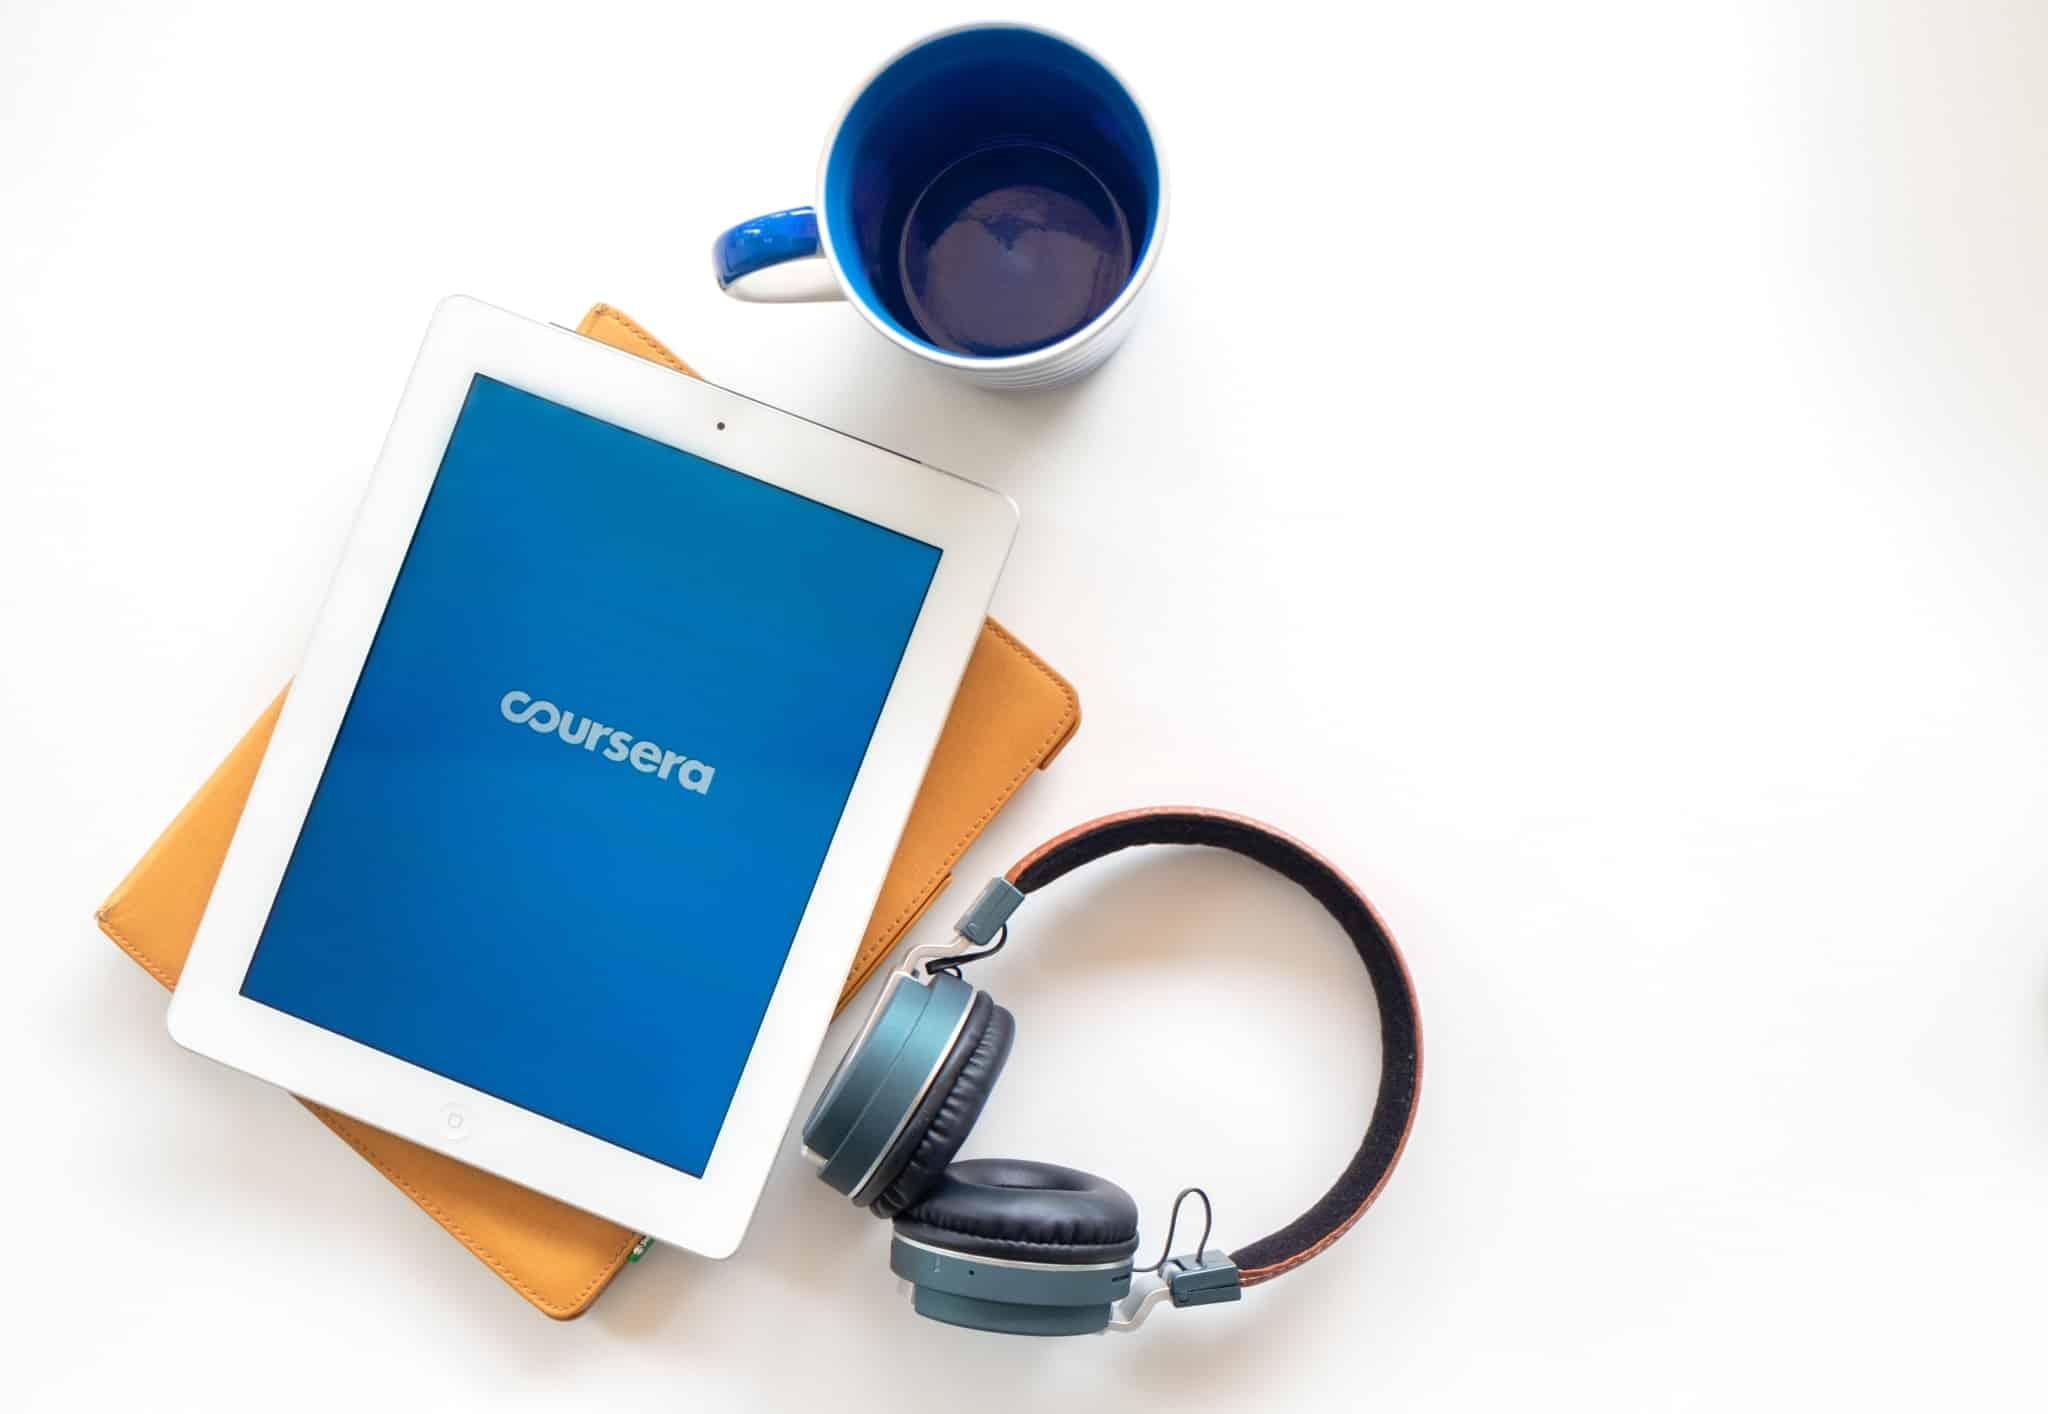 tablet e auscultadores e uma chávena de café